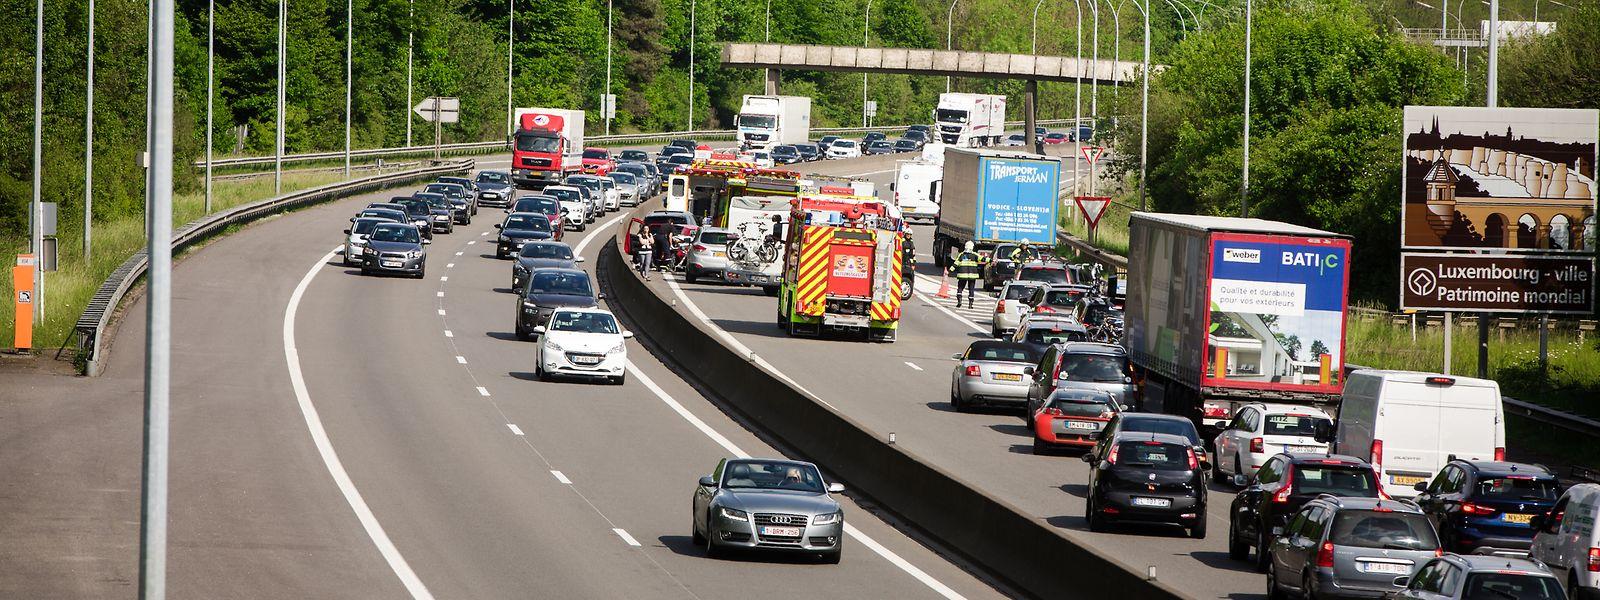 Le chantier censé permettre aux covoitureurs de relier plus vite la Belgique et le Luxembourg, est estimé à un coût total de 60 millions d'euros